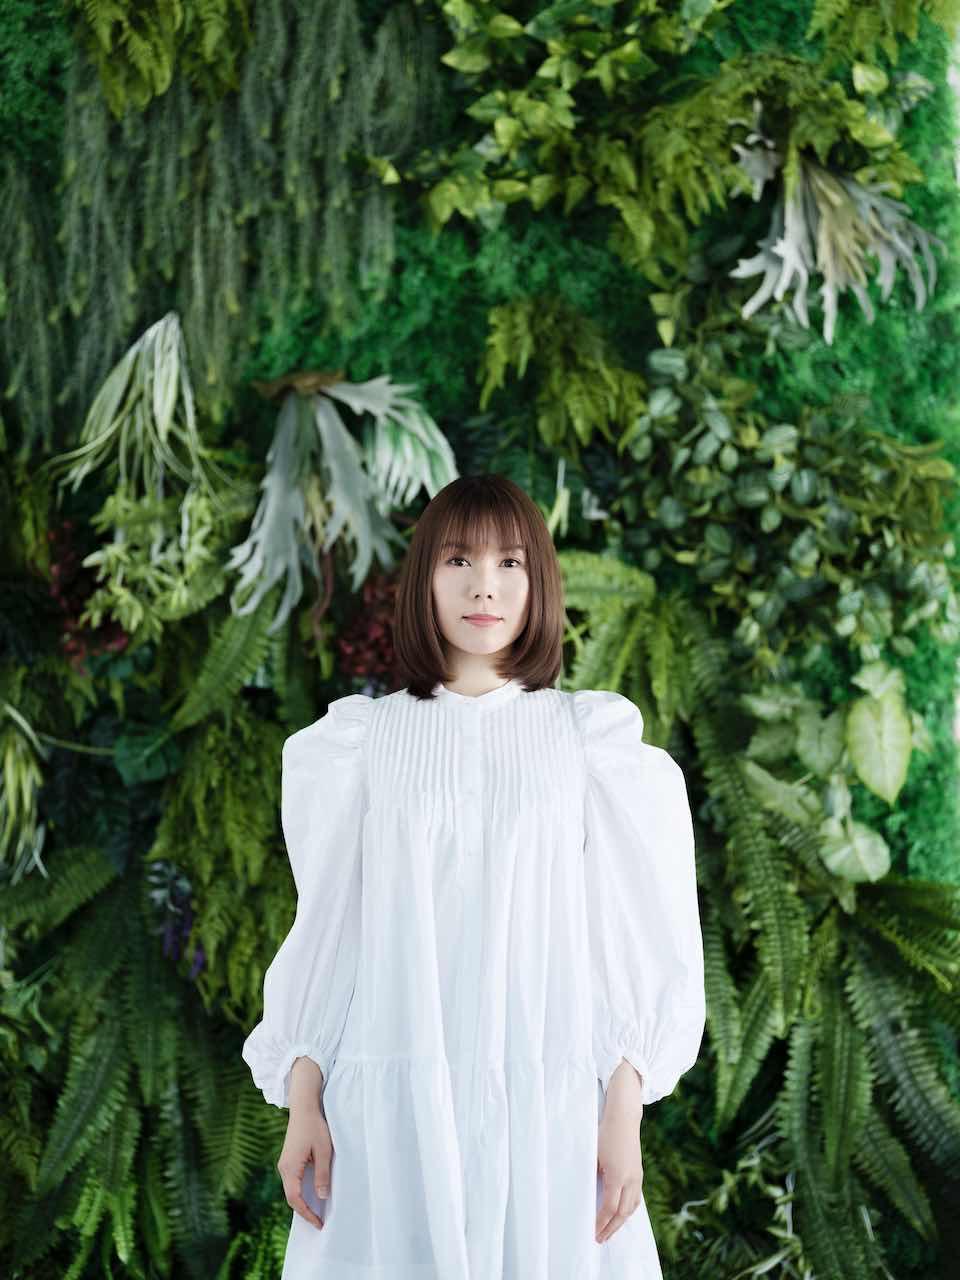 半崎美子、新曲「ロゼット〜たんぽぽの詩〜」30秒SPOT公開!配信ライブ開催決定!